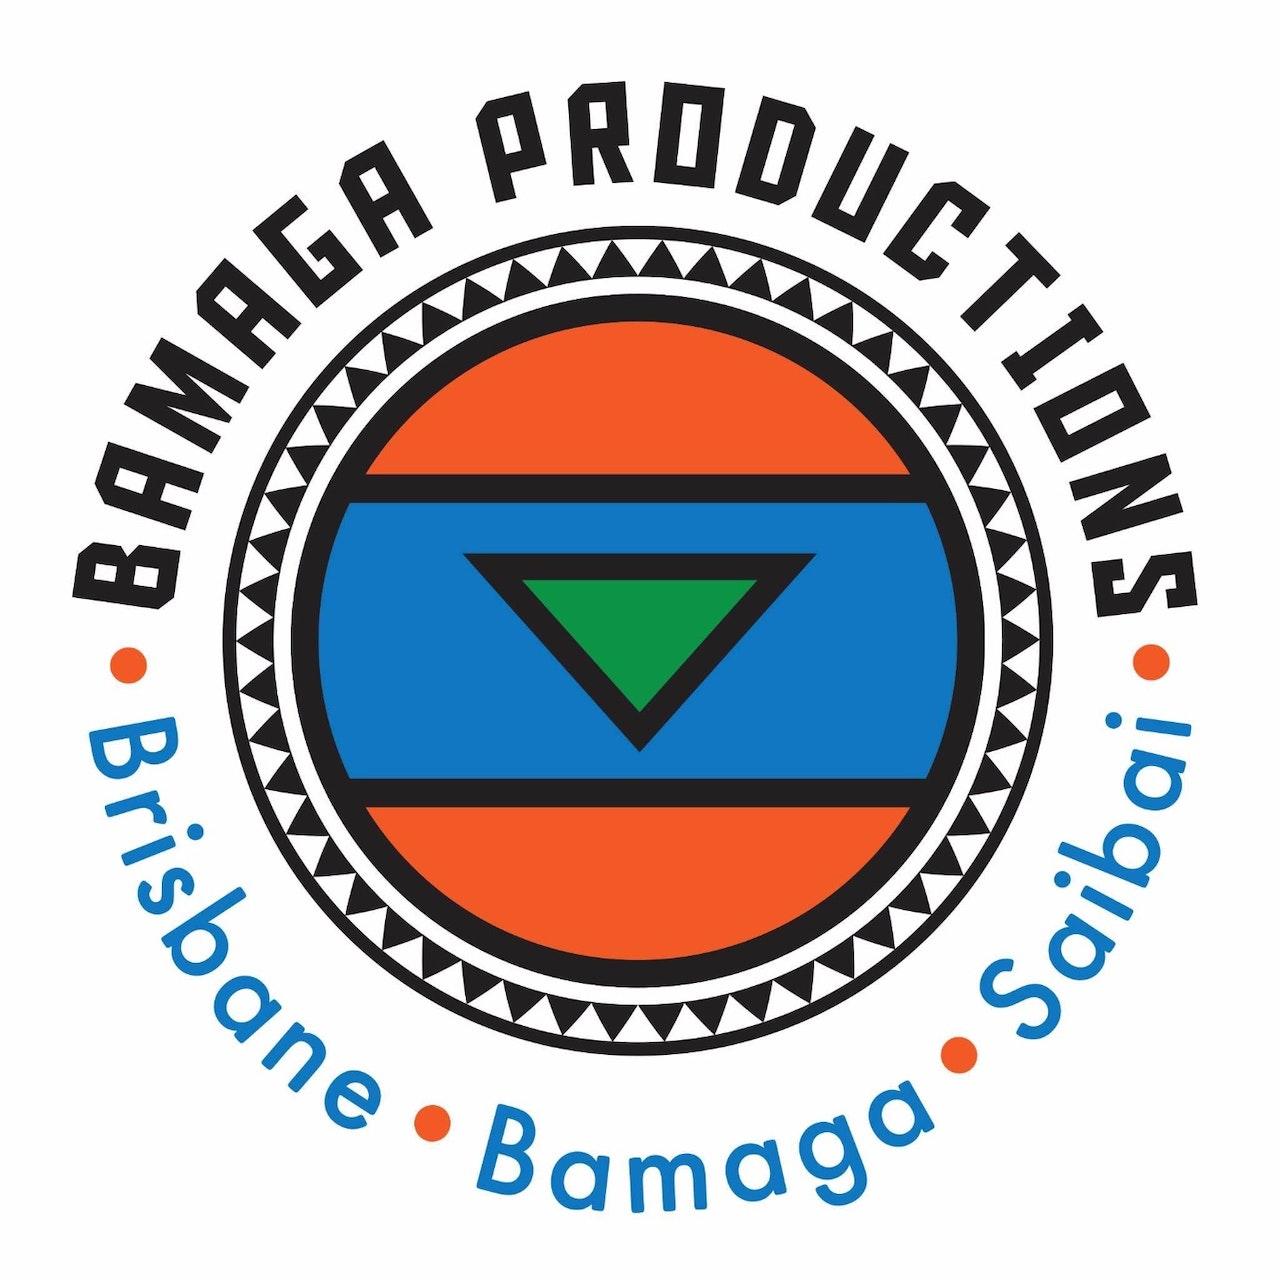 Bamaga